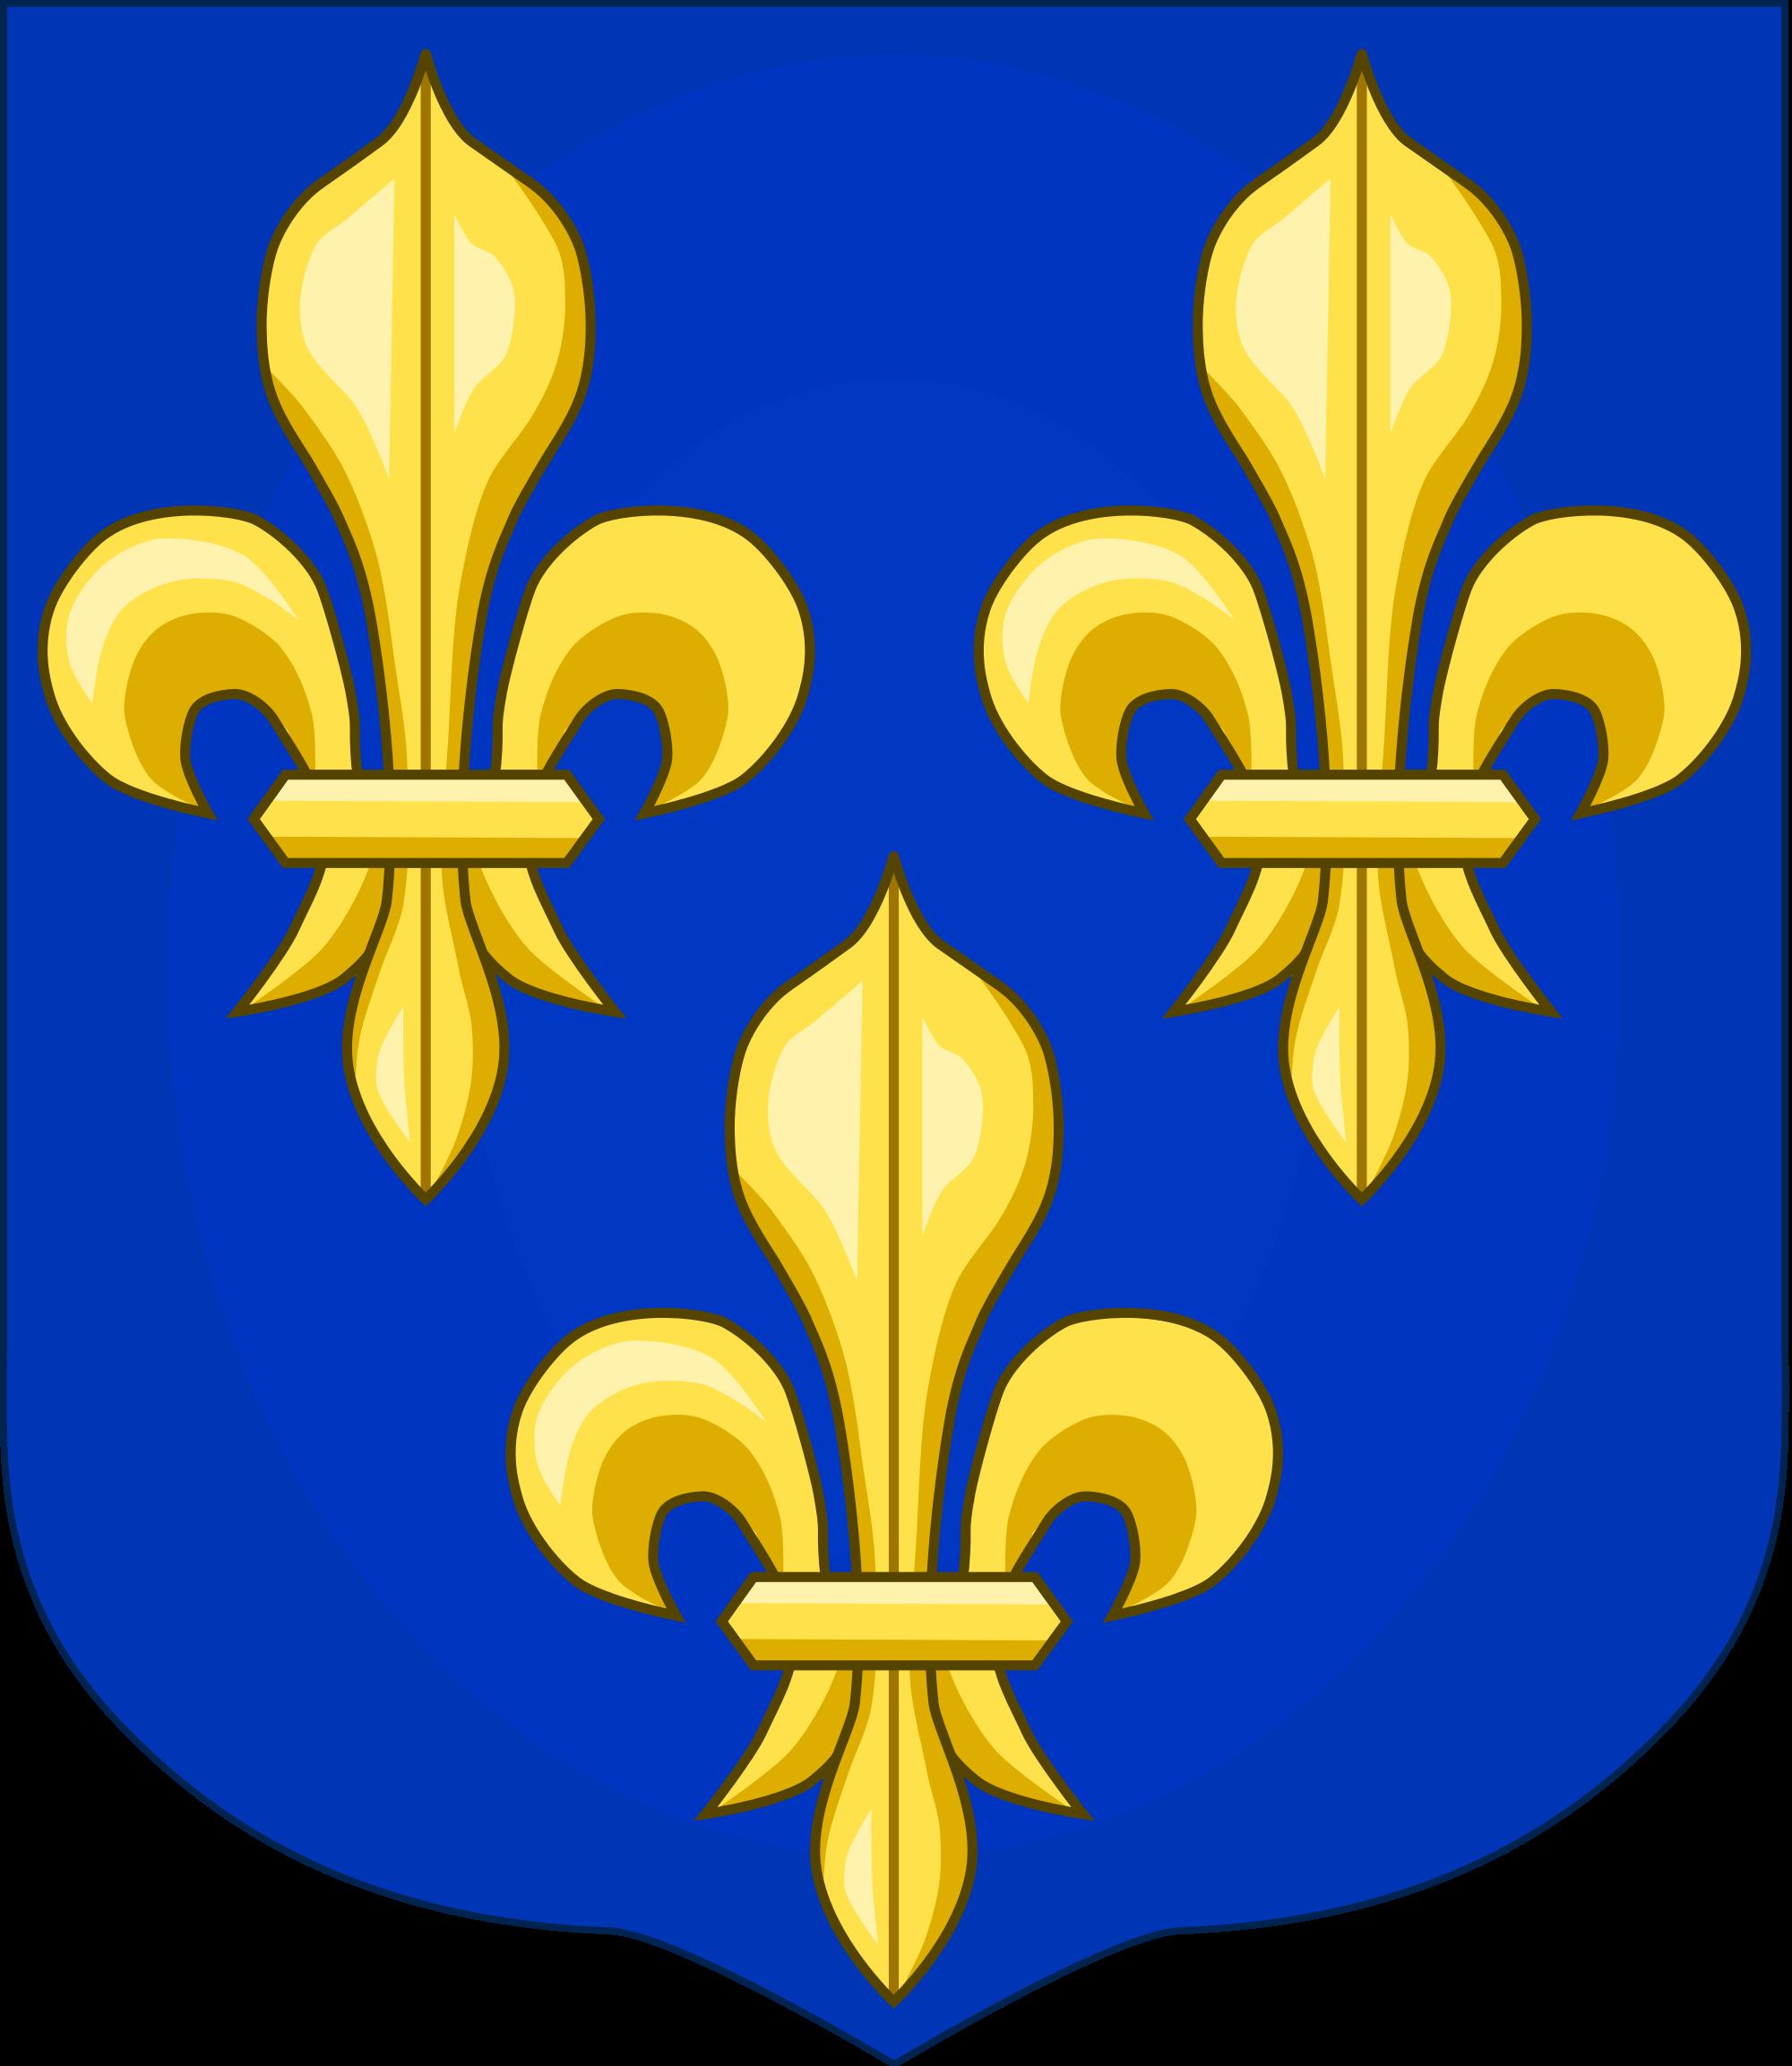 показывает герб франции картинка последний раз